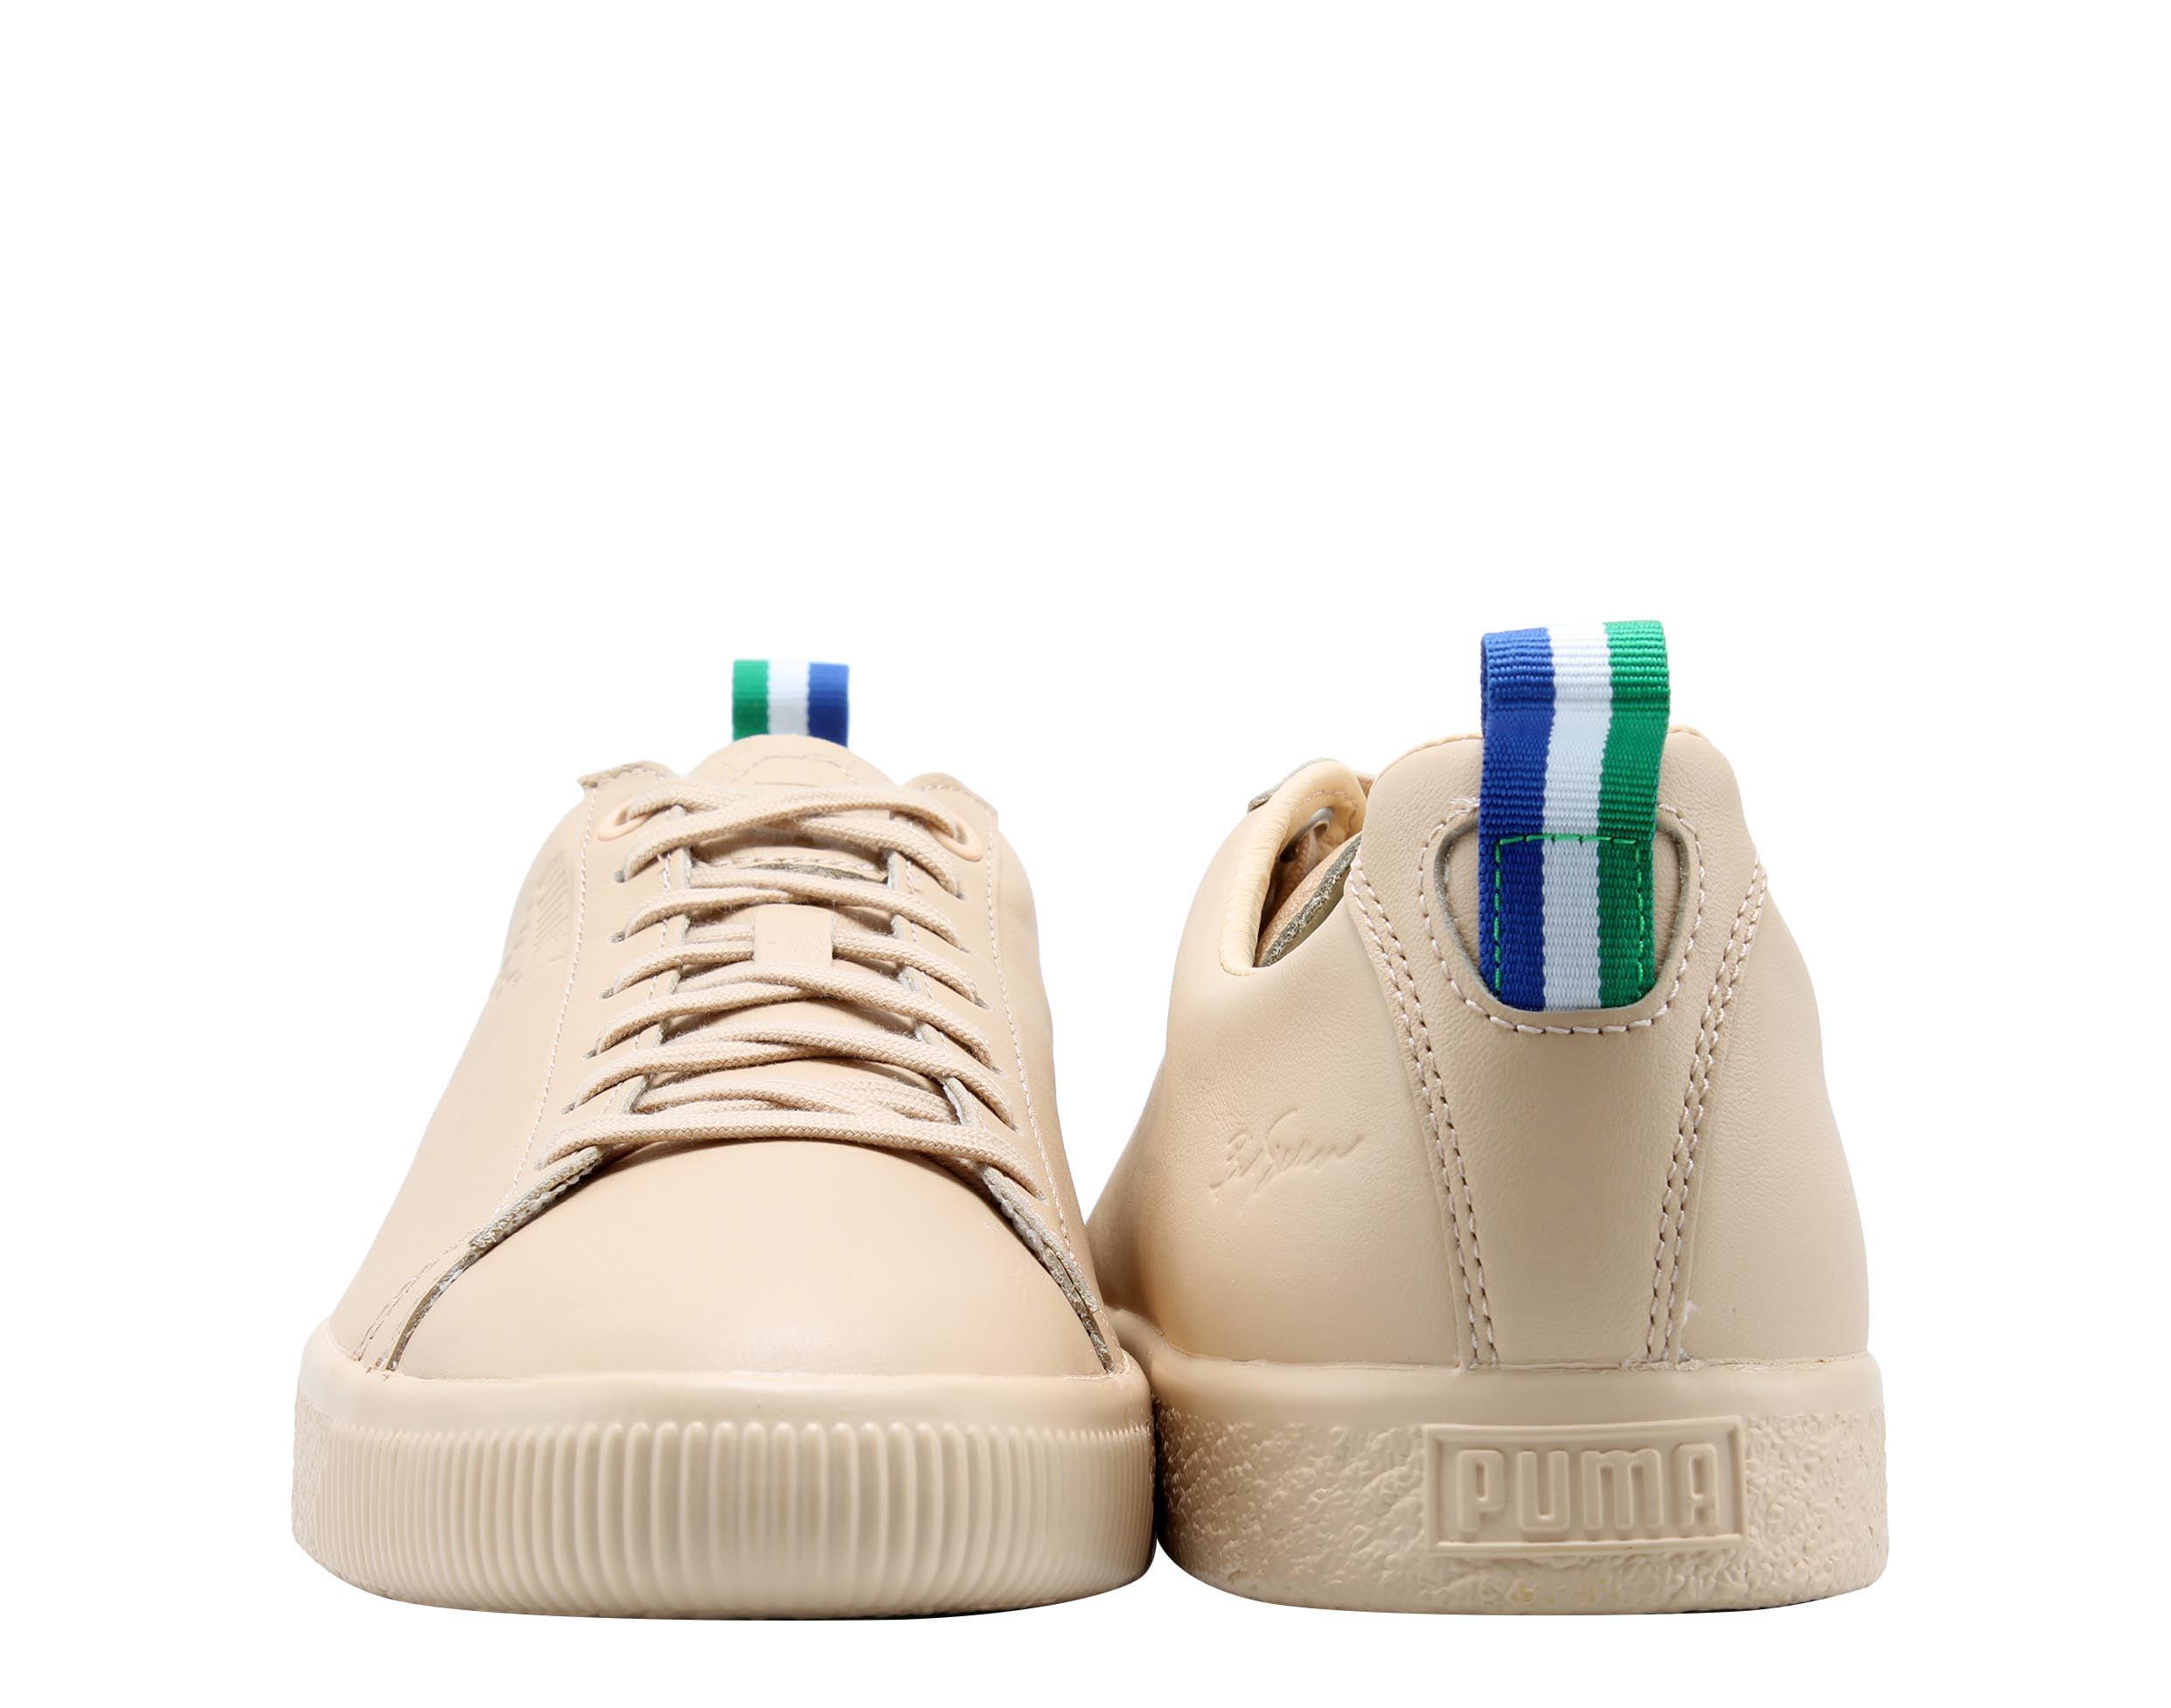 PUMA - Clyde BIG SEAN Natural Vachetta Men s Casual Sneakers 36625301 -  Walmart.com 9fb60053b